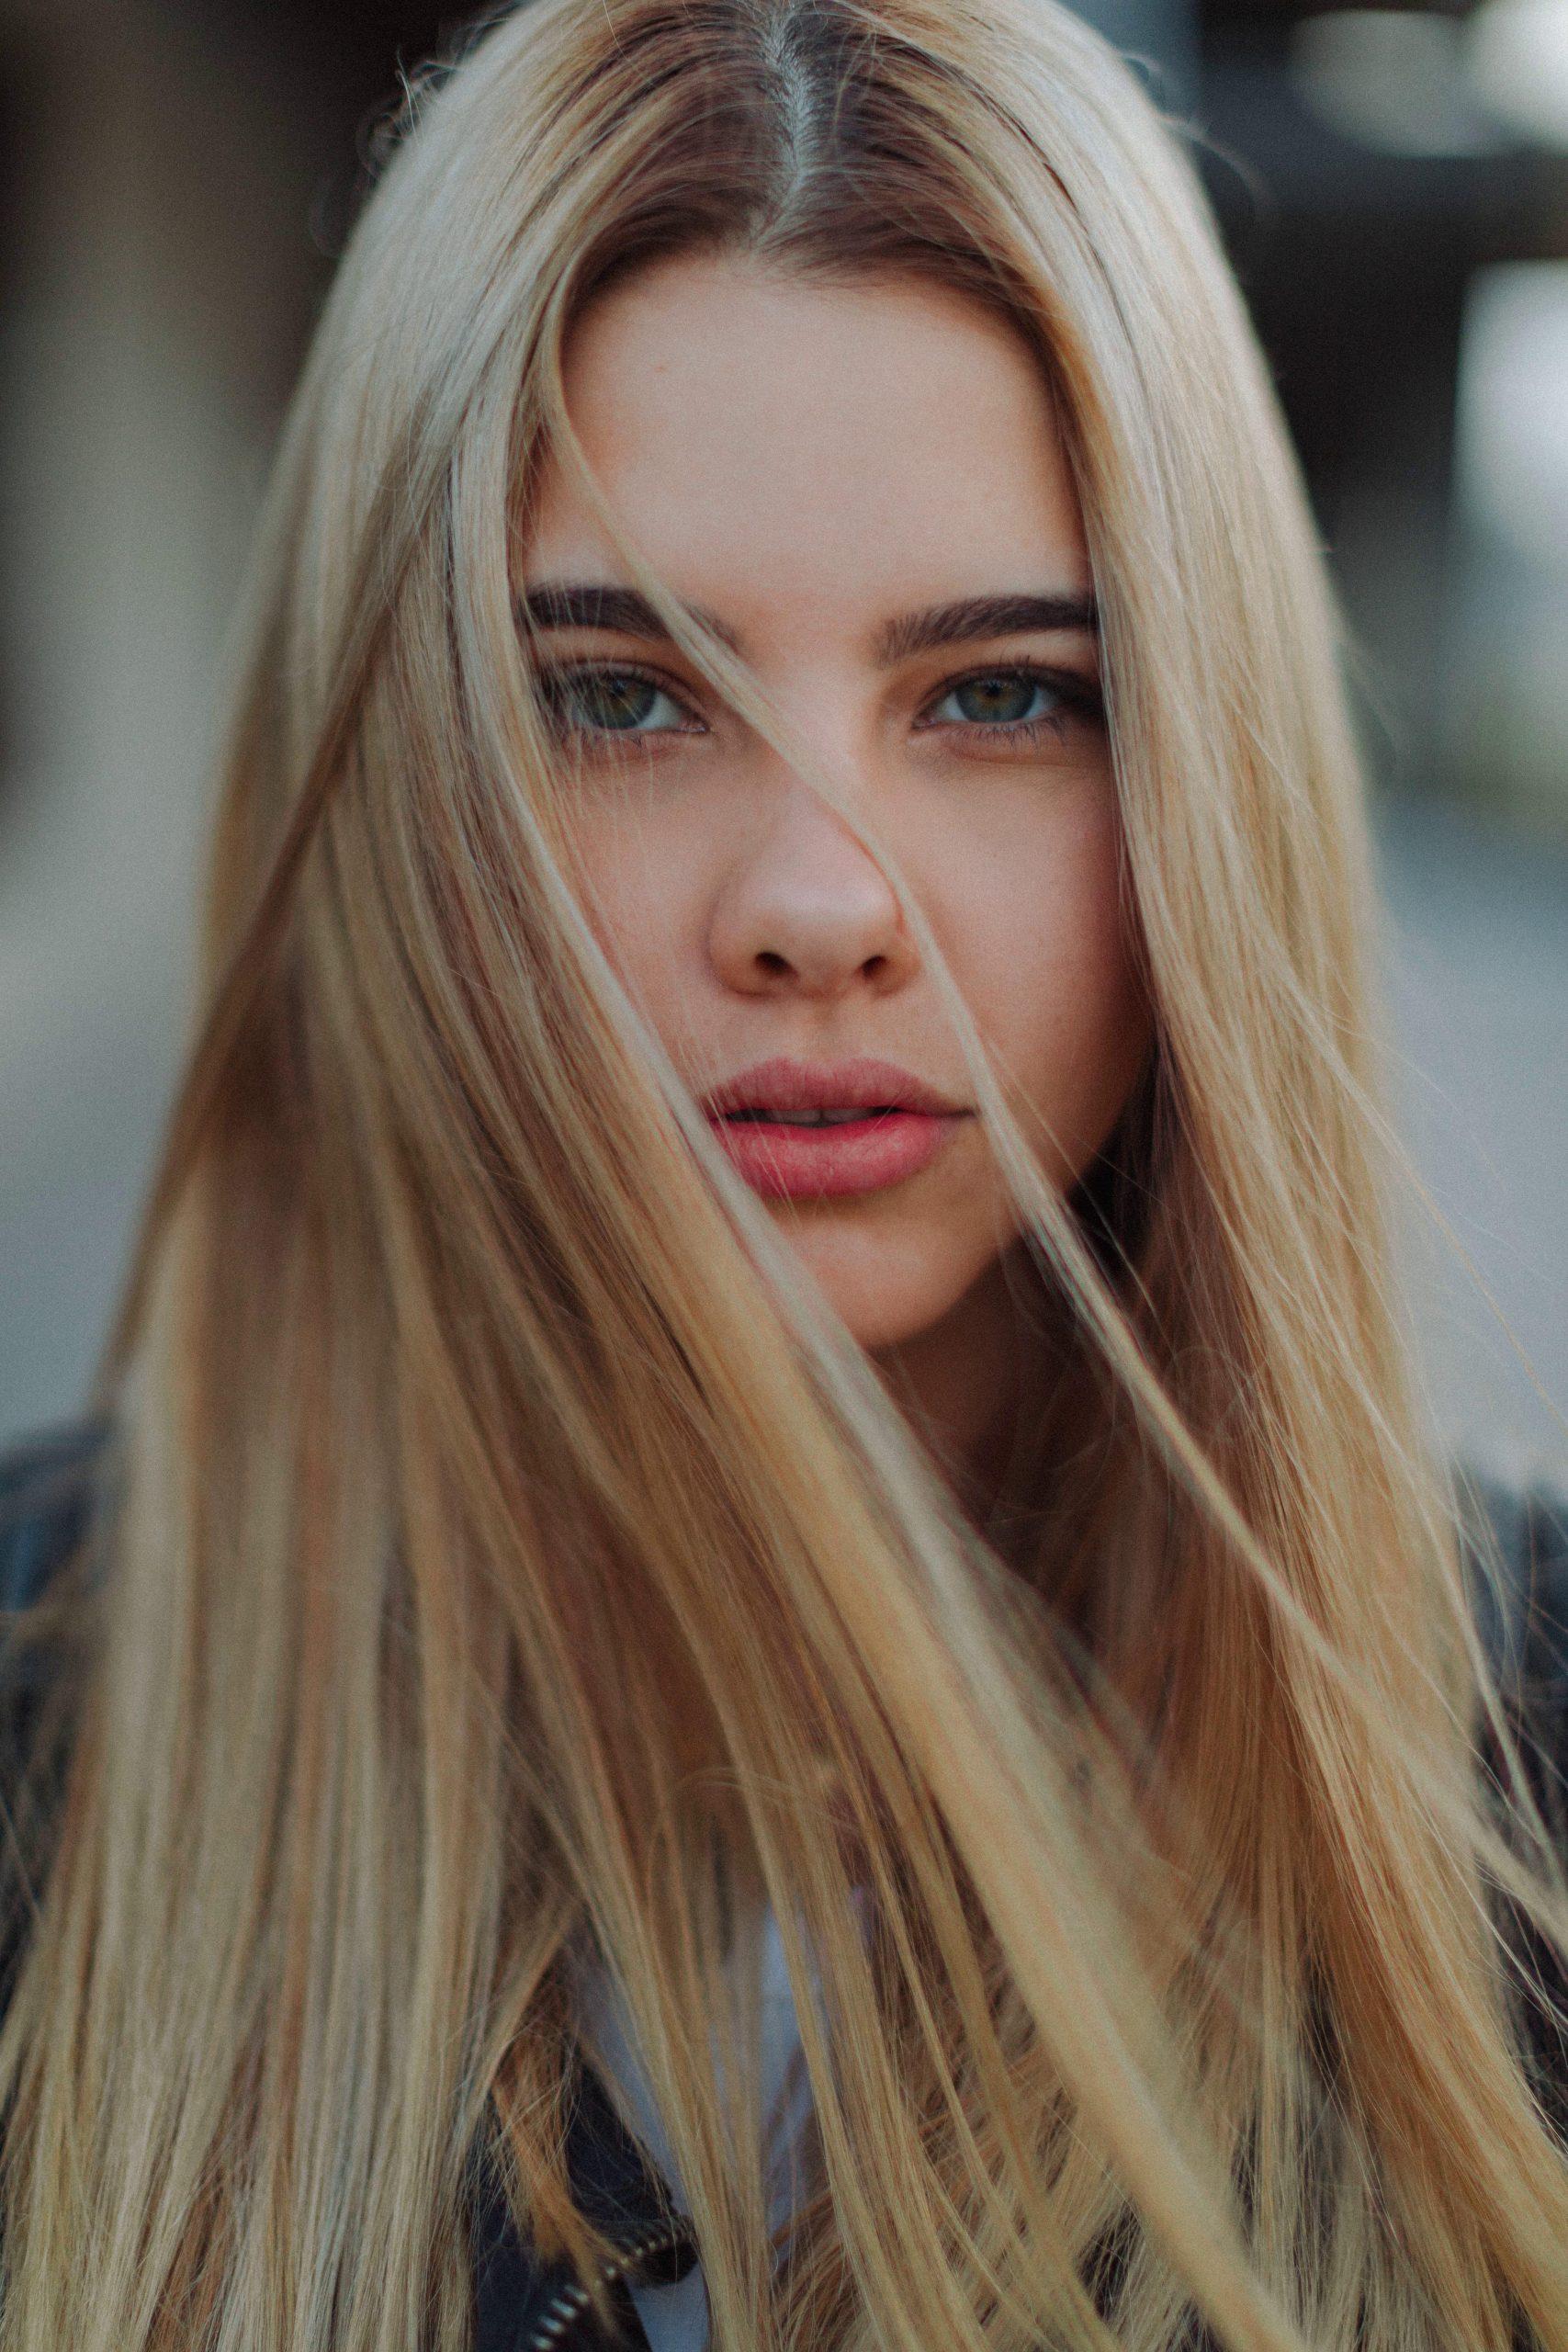 7-portrait-blogger-before